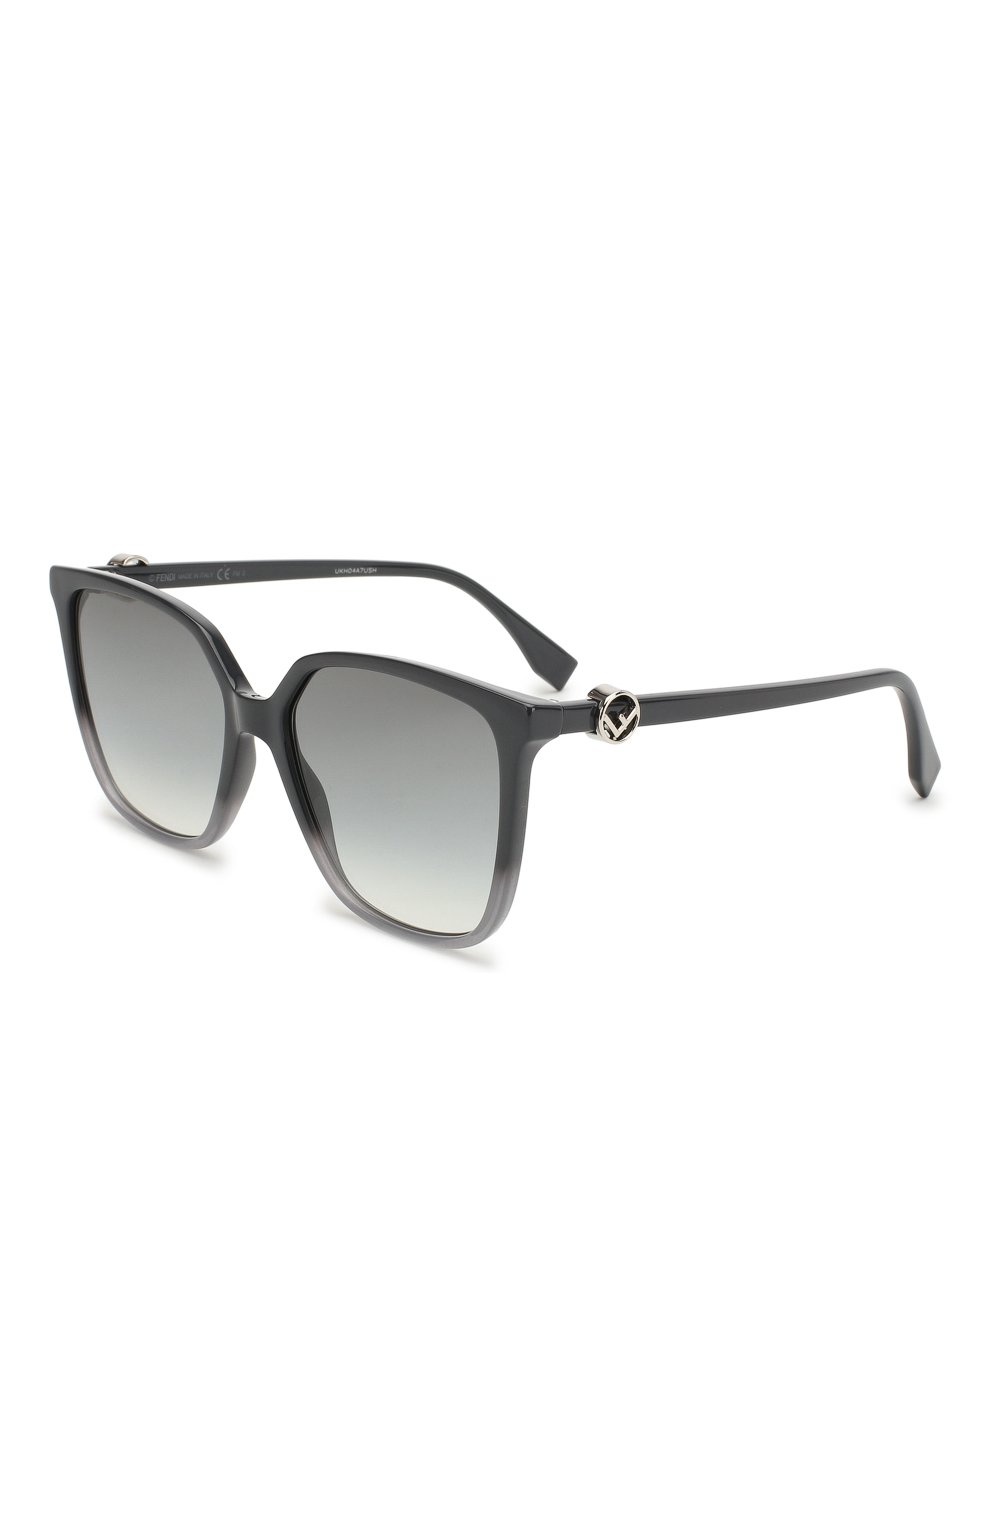 Женские солнцезащитные очки FENDI серого цвета, арт. 0318 KB7 | Фото 1